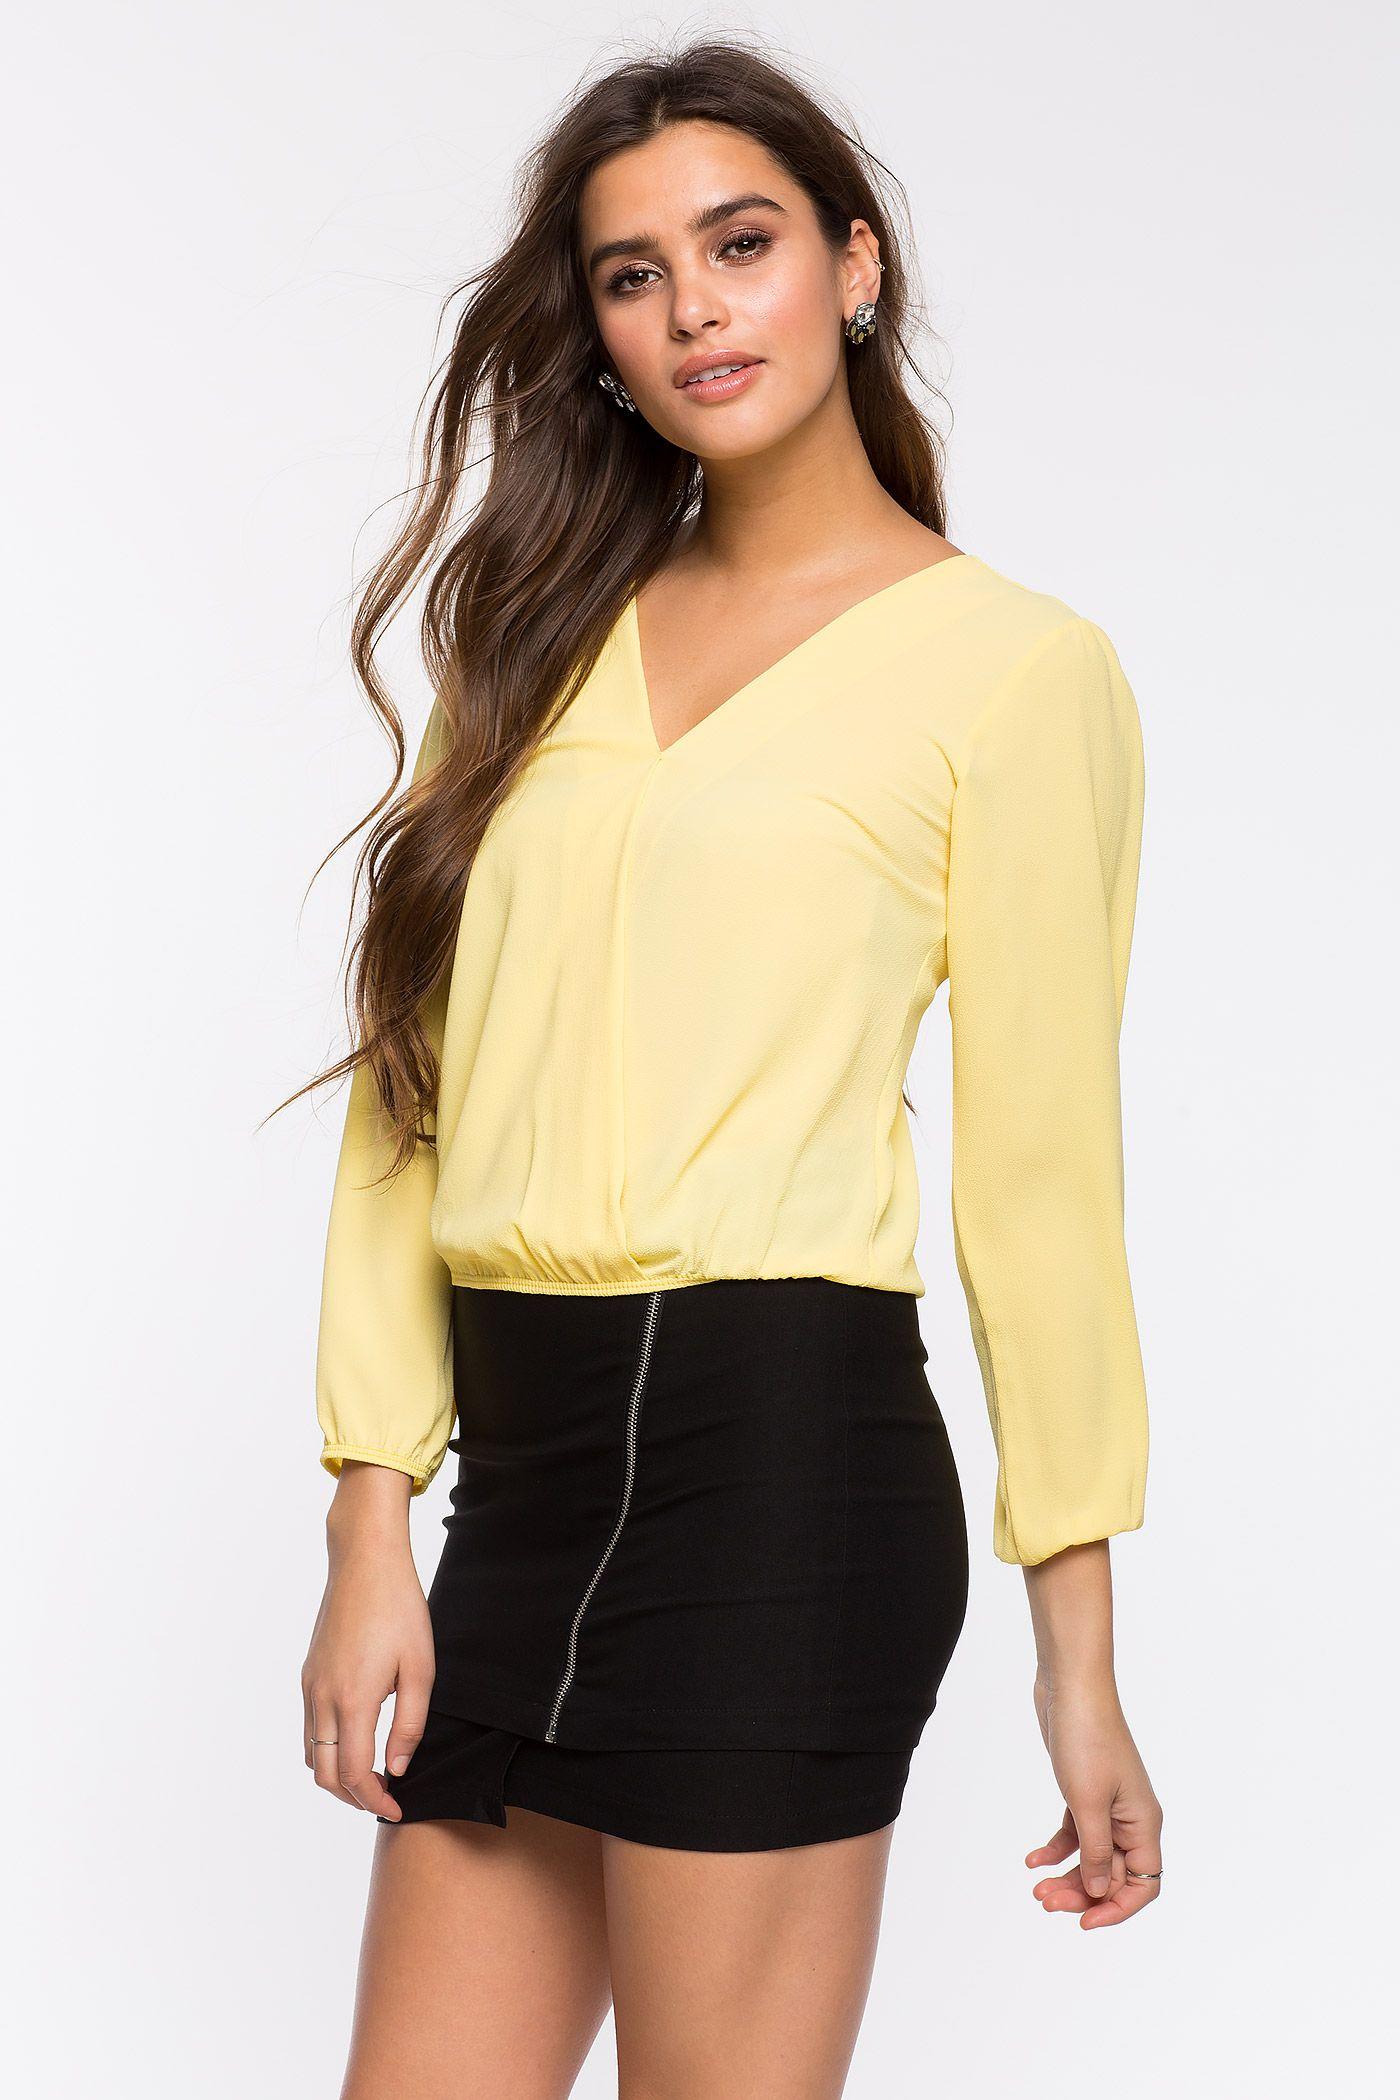 Блуза Размеры: S, M, L Цвет: розовый, ярко-синий, красный, банановый Цена: 1217 руб.     #одежда #женщинам #блузы #коопт